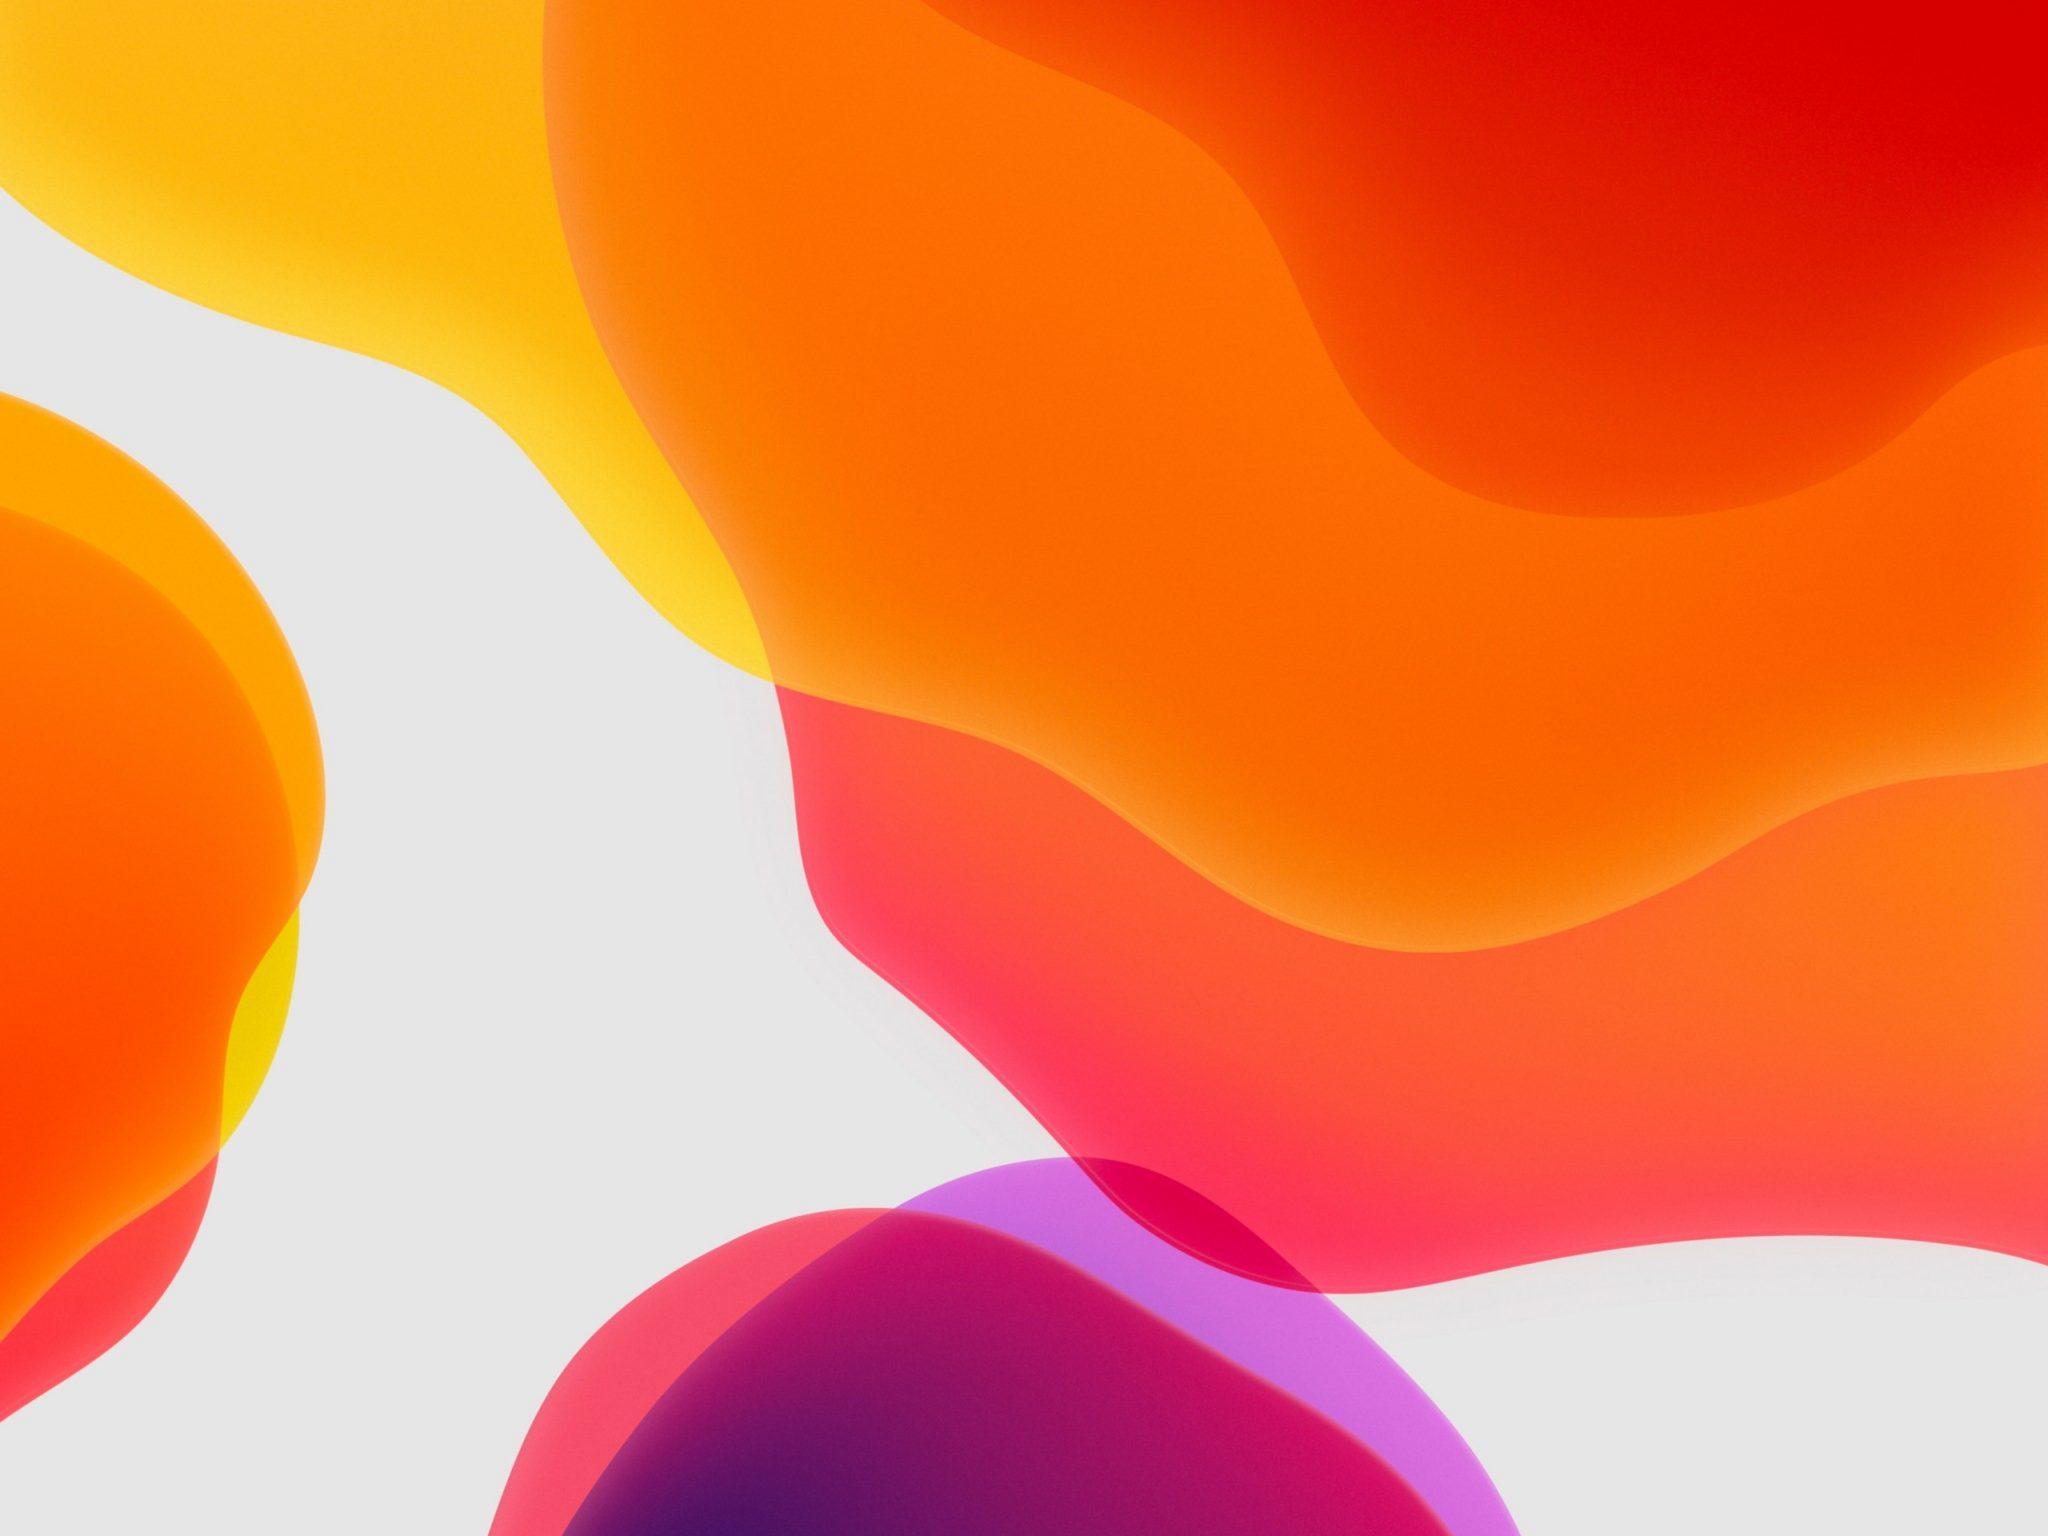 2048x1536 wallpaper Orange Ipados Ipad Wallpaper 2048x1536 pixels resolution